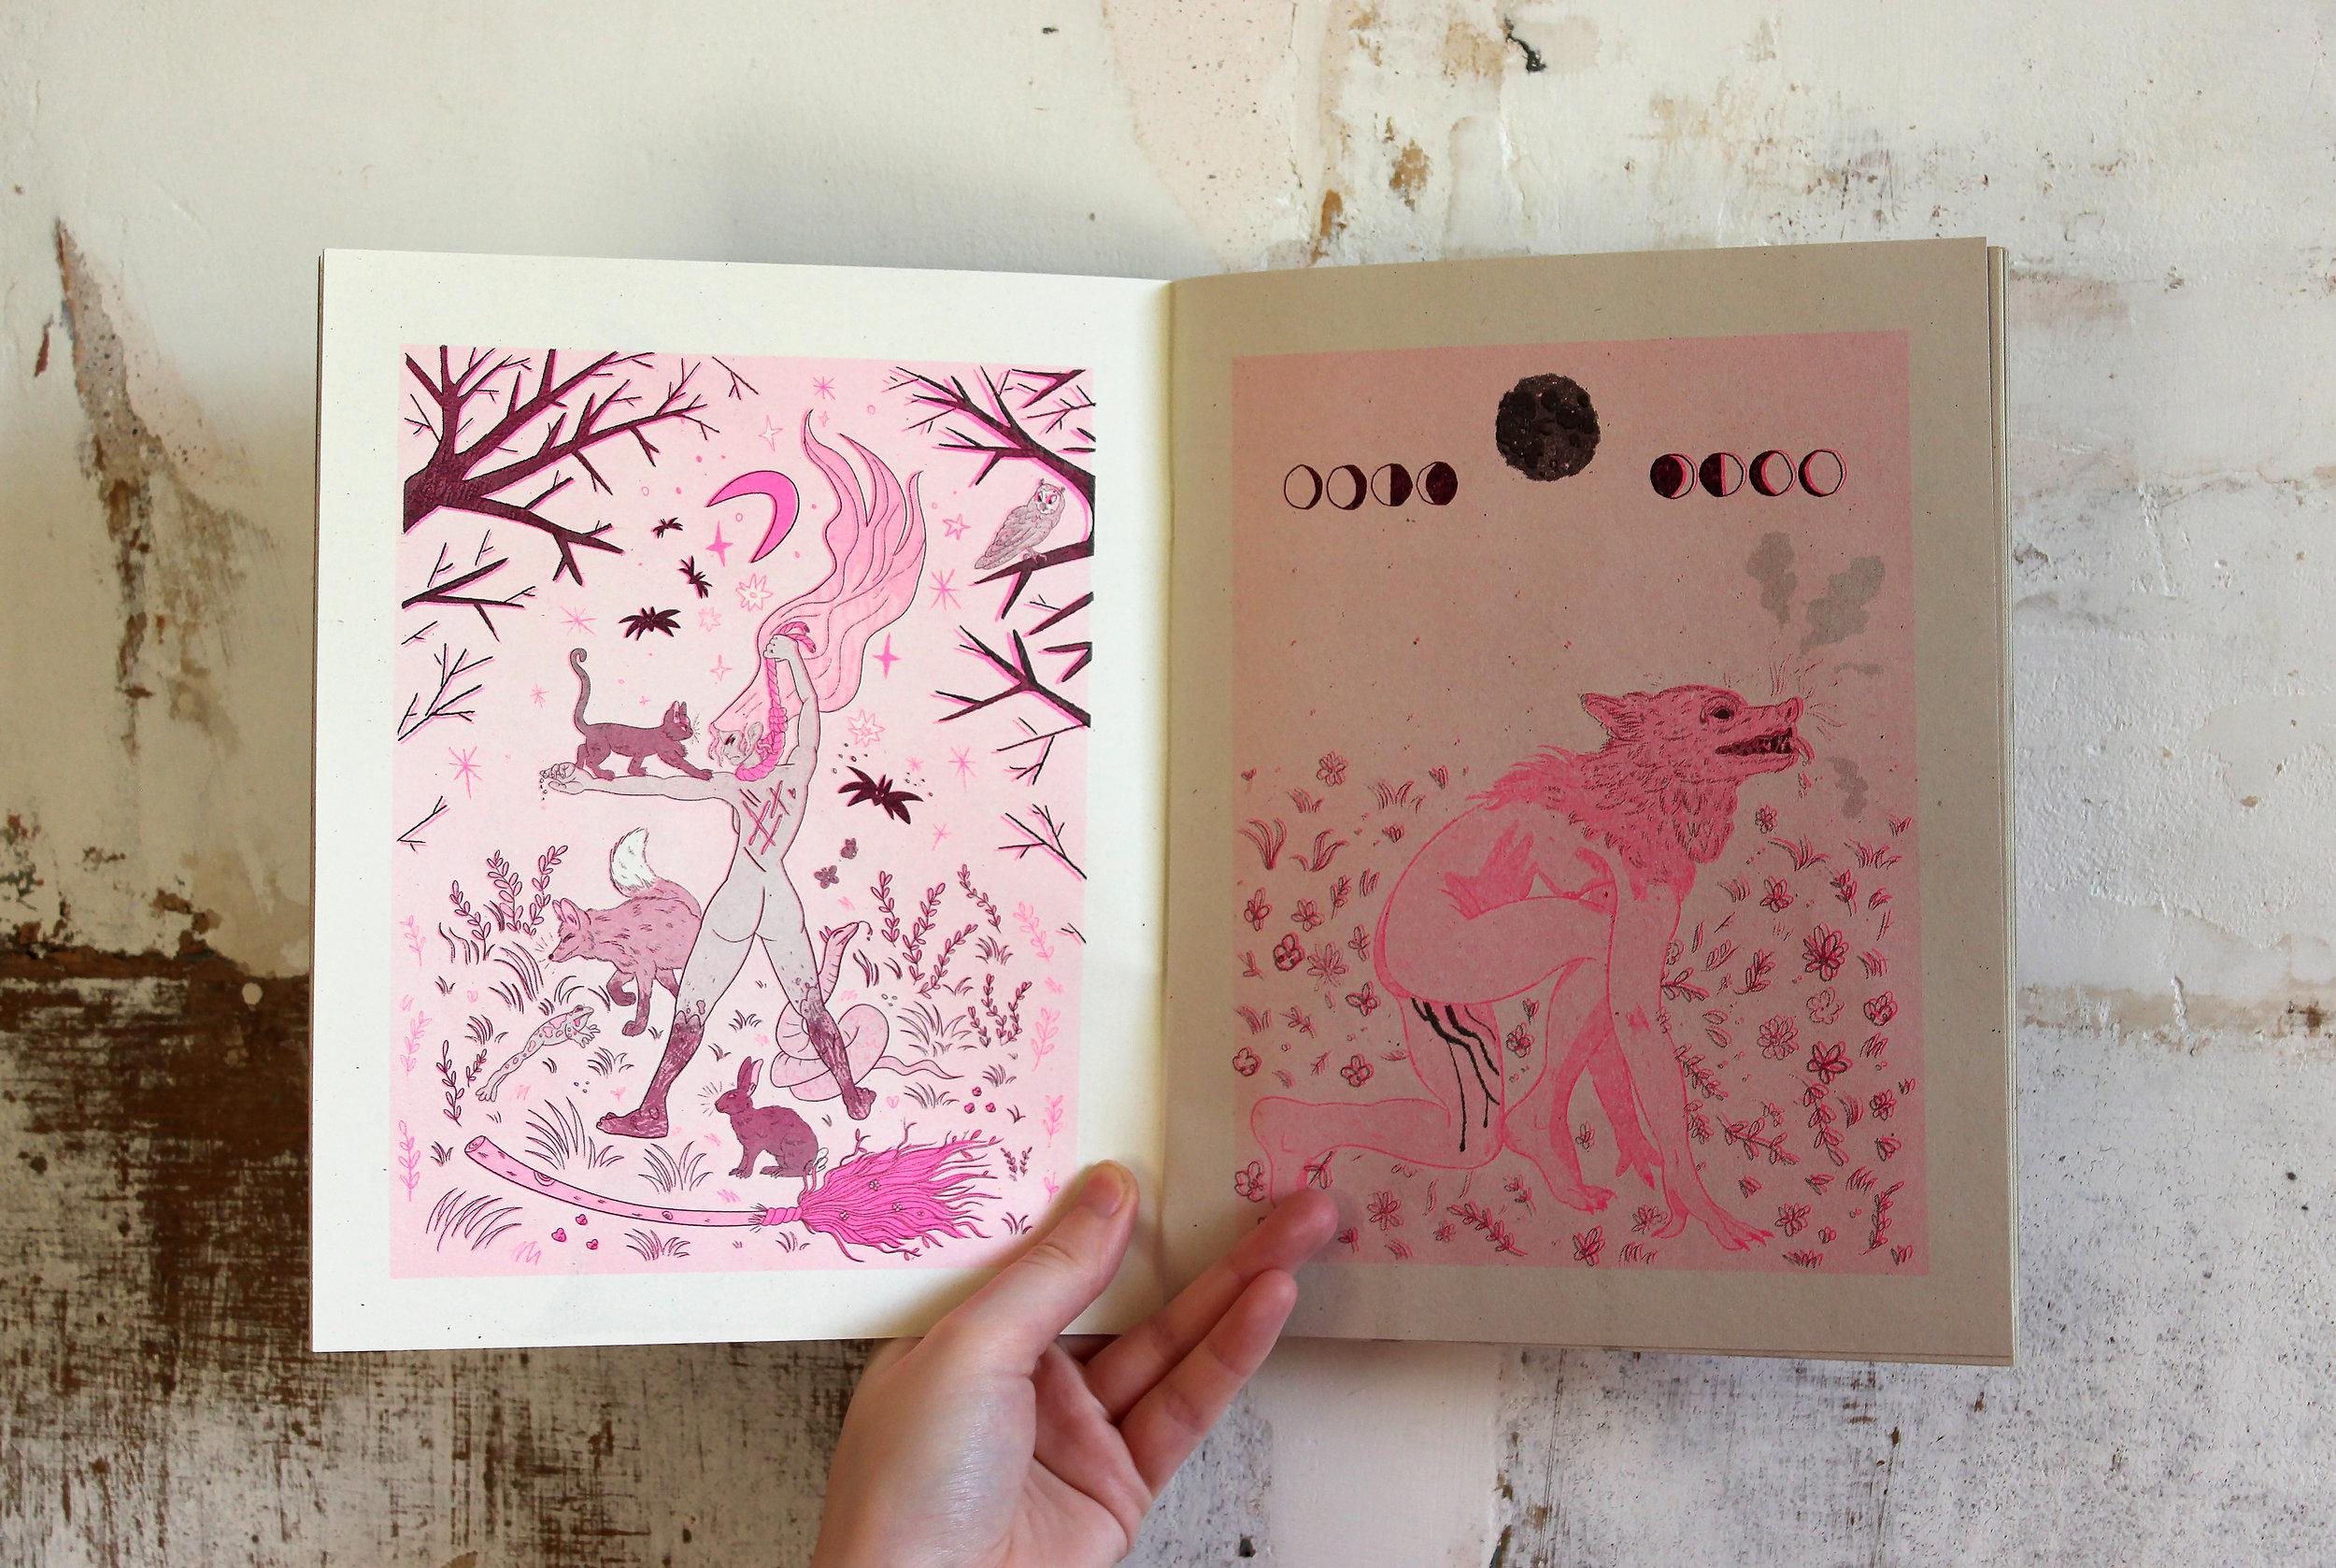 'Banshee' zine by Eli Spencer & Sophie Robin